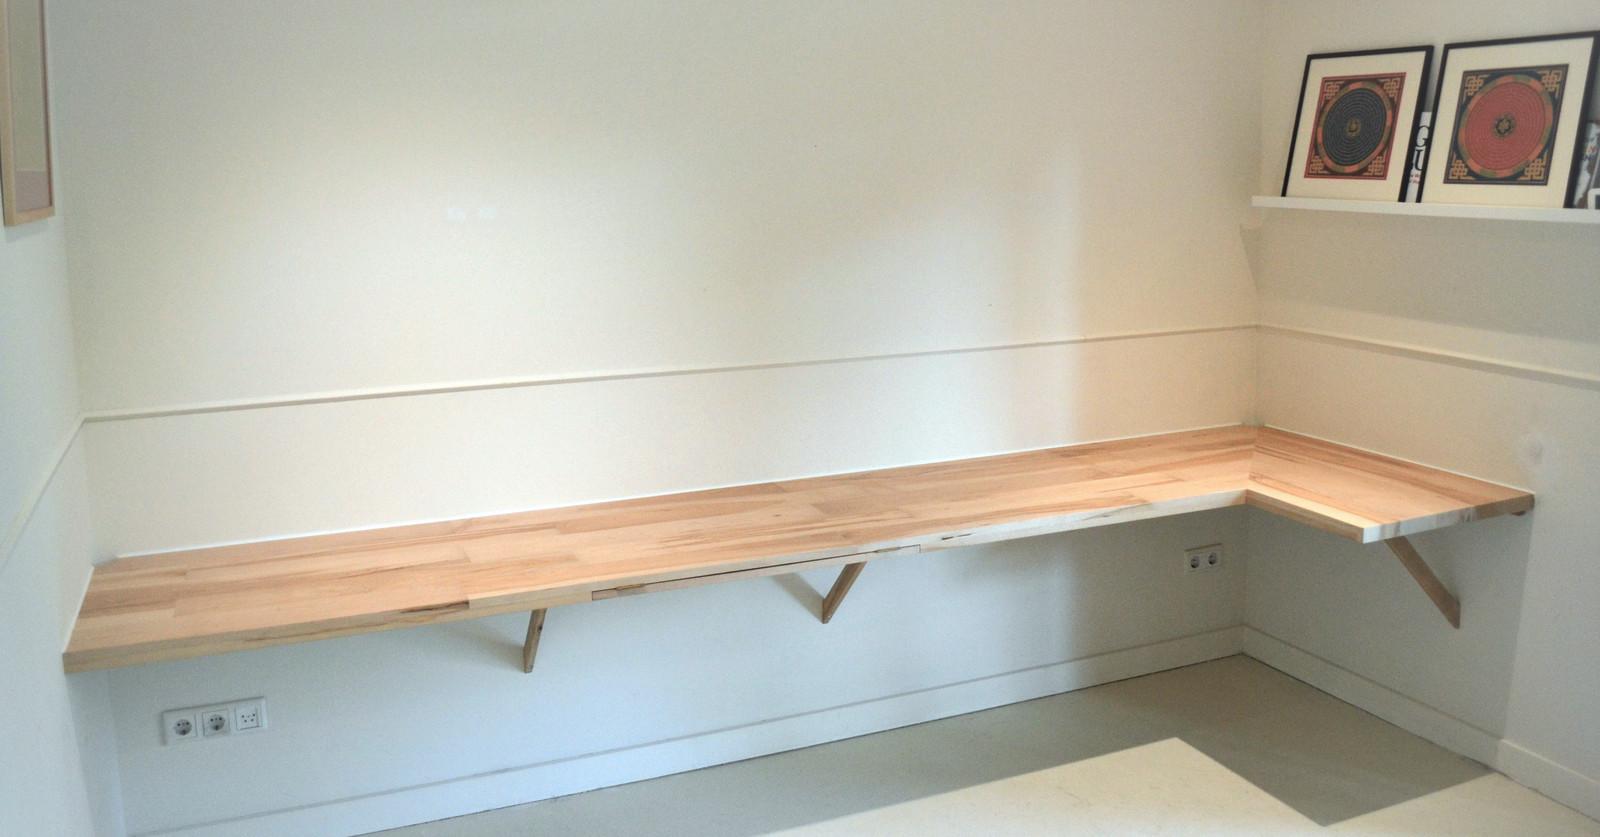 Bureau meubelmakerij lennart haarlem http: wieislennart.nl